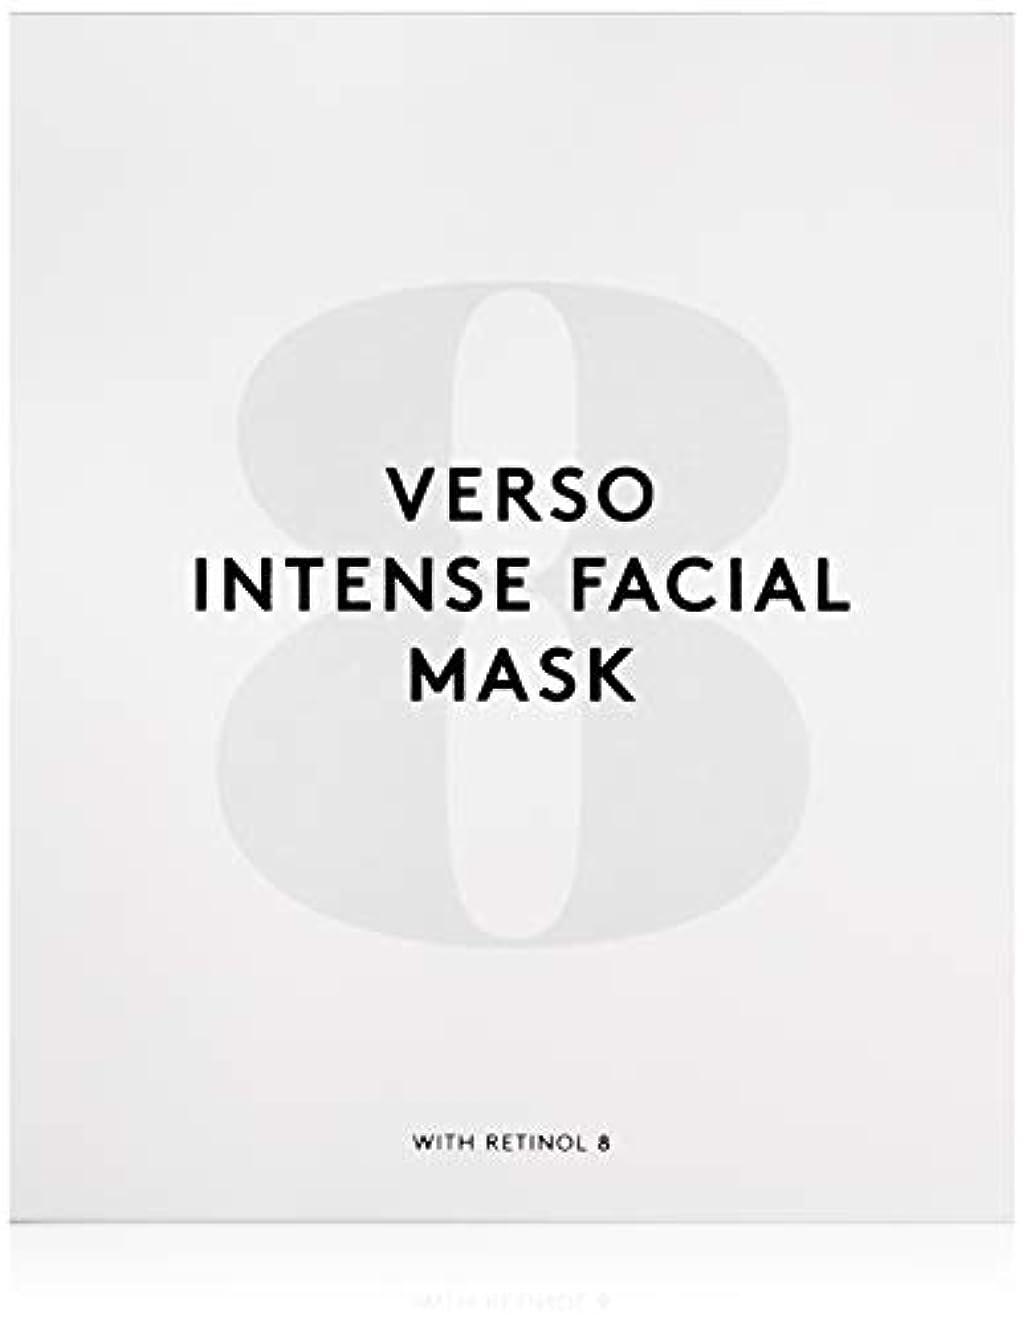 奨励します君主資本主義ヴェルソスキンケア インテンスフェイシャルマスク 4x25g/0.88oz